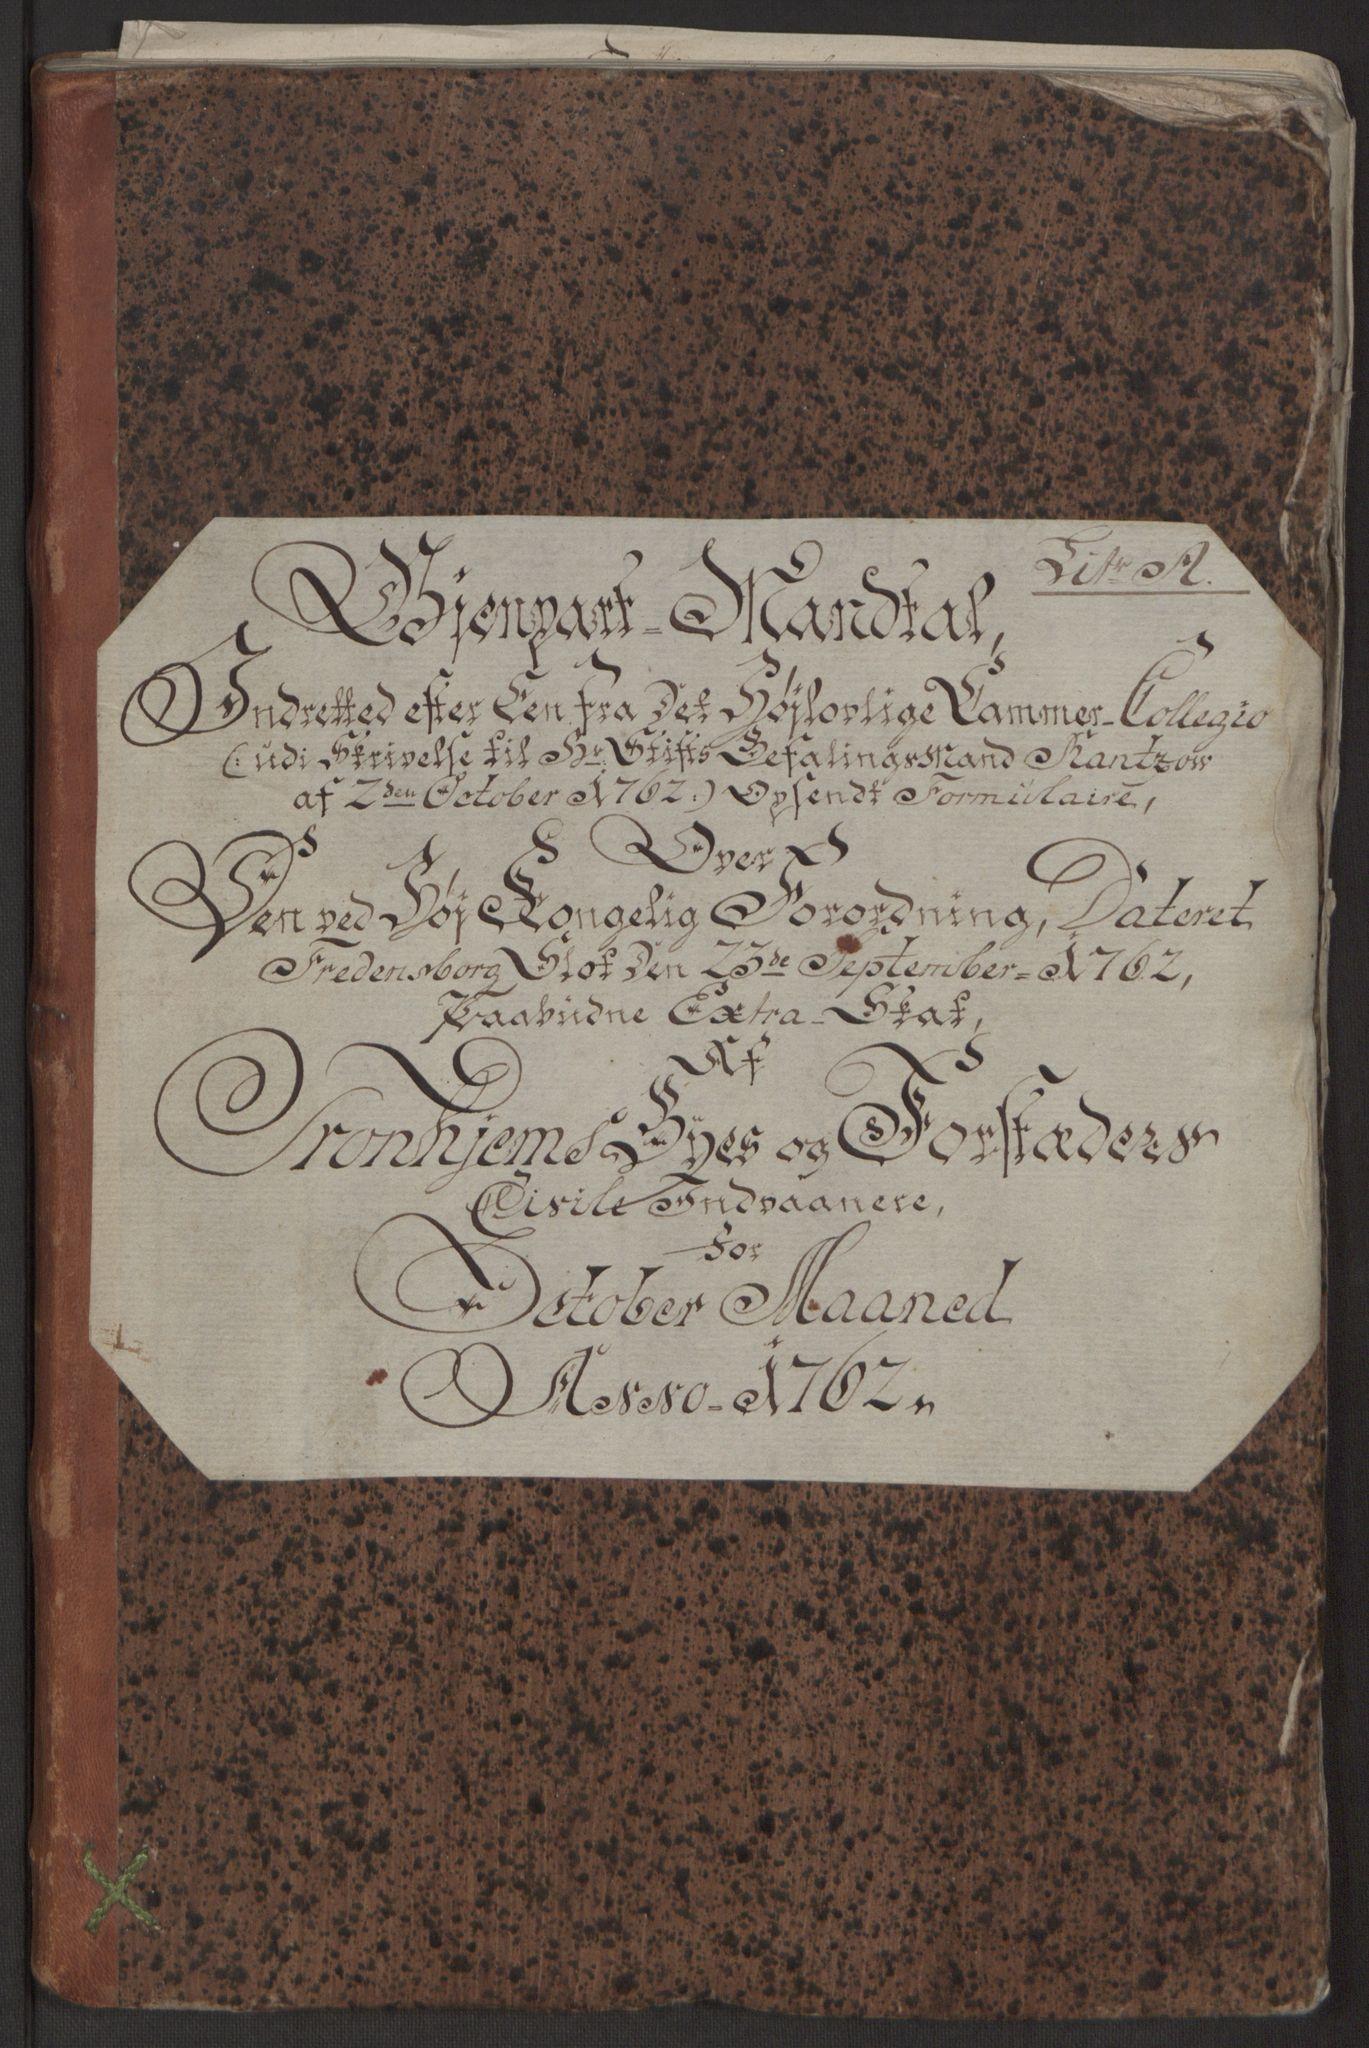 RA, Rentekammeret inntil 1814, Reviderte regnskaper, Byregnskaper, R/Rs/L0516: [S9] Kontribusjonsregnskap, 1762-1767, s. 10